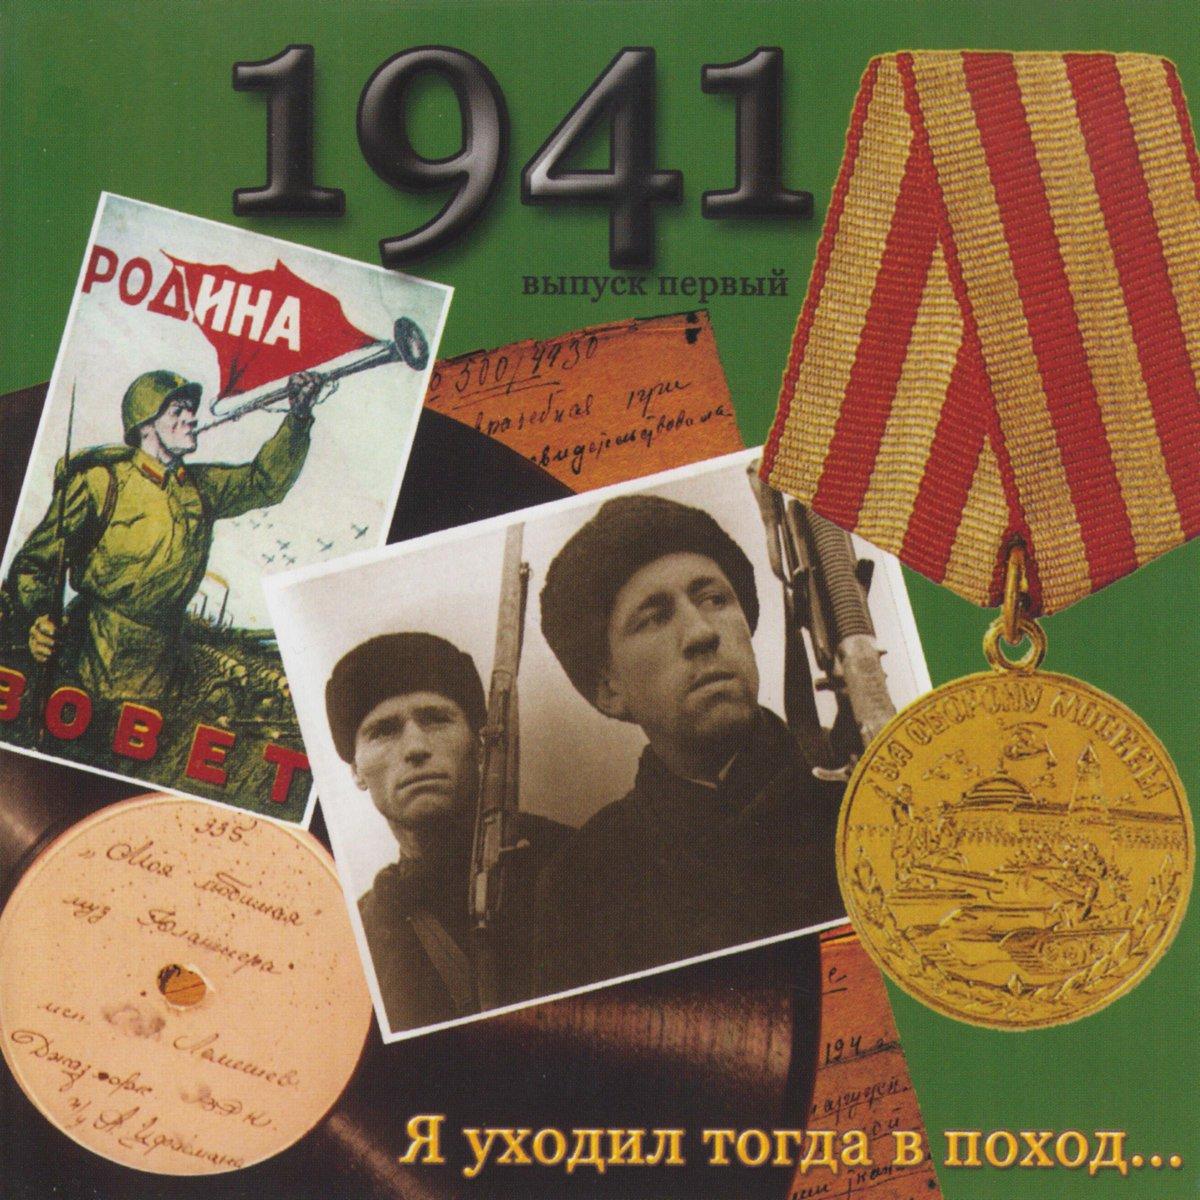 Трудные дороги великой отечественной войны (1941-1945)